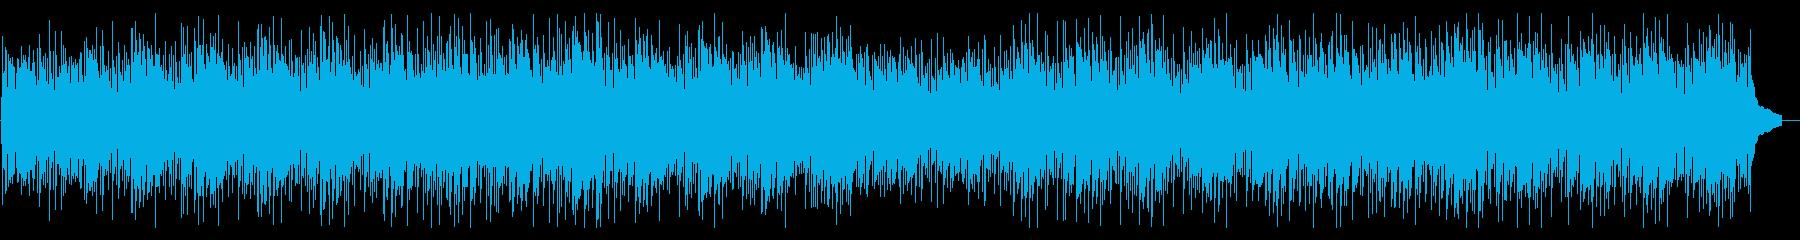 【パーカス抜】のんびりお気楽なウクレレの再生済みの波形